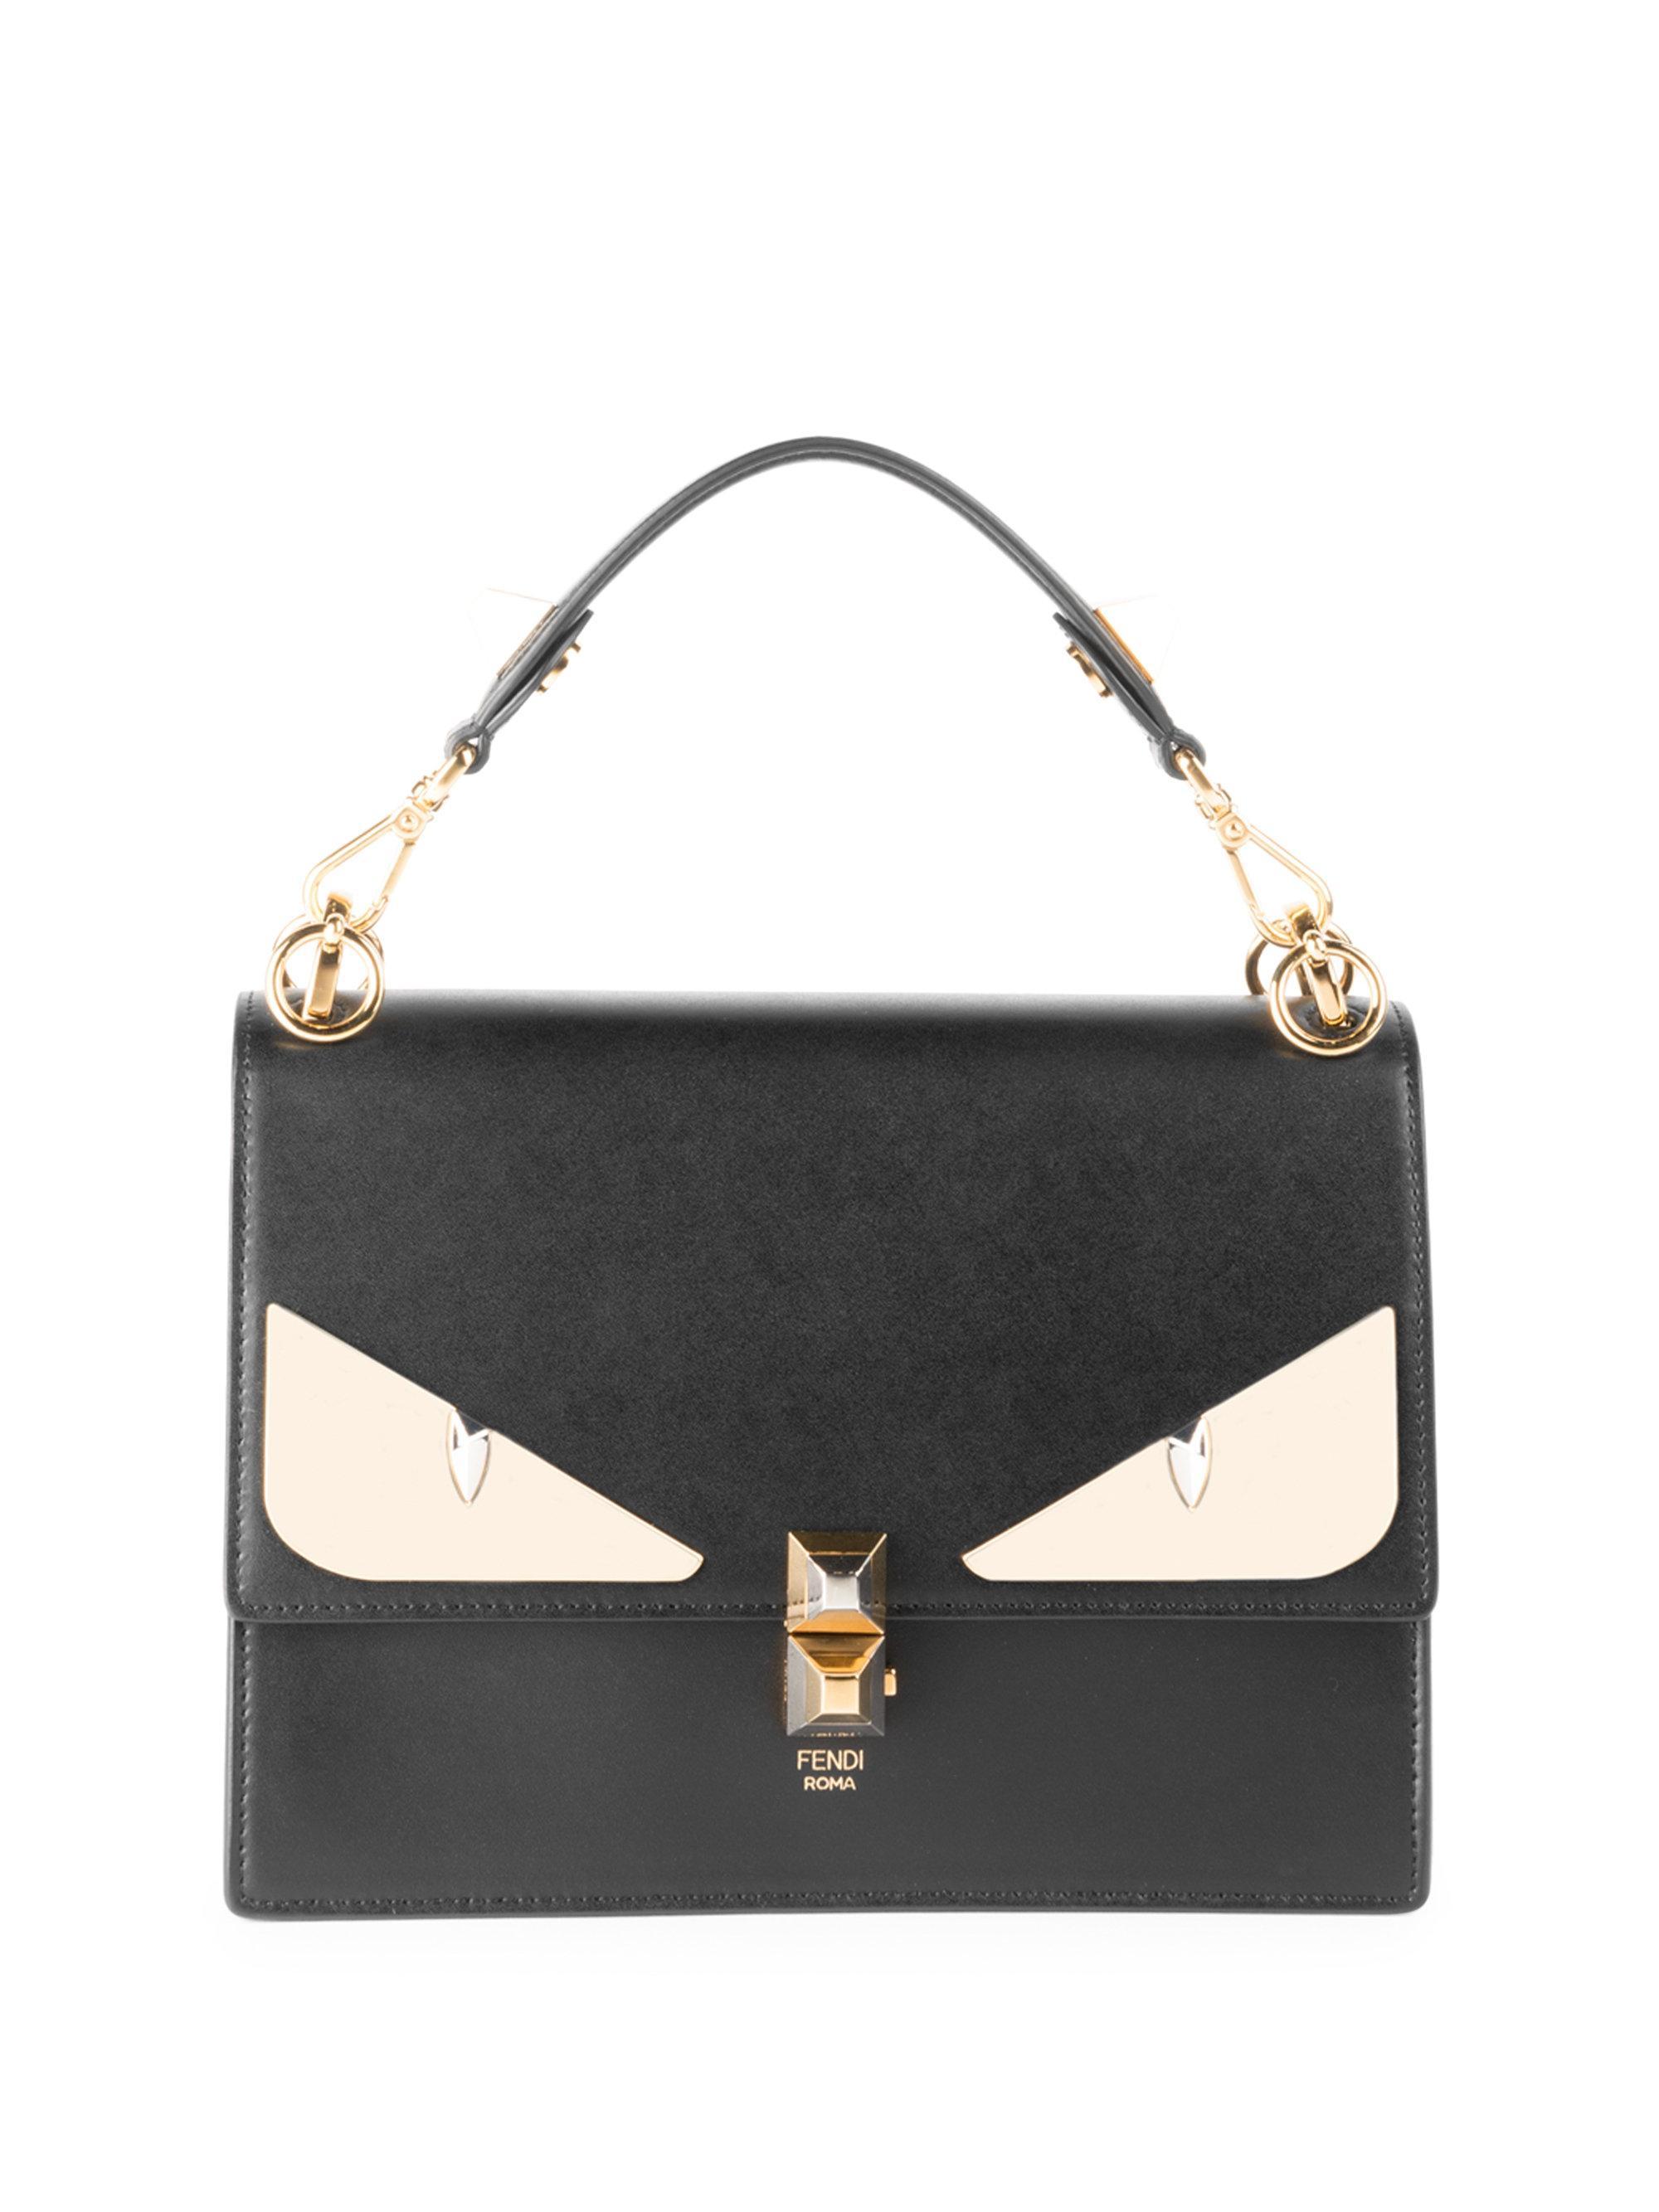 5c2ada782629 Fendi Kan I Monster Eye Black Shoulder Bag in Black - Save 24% - Lyst